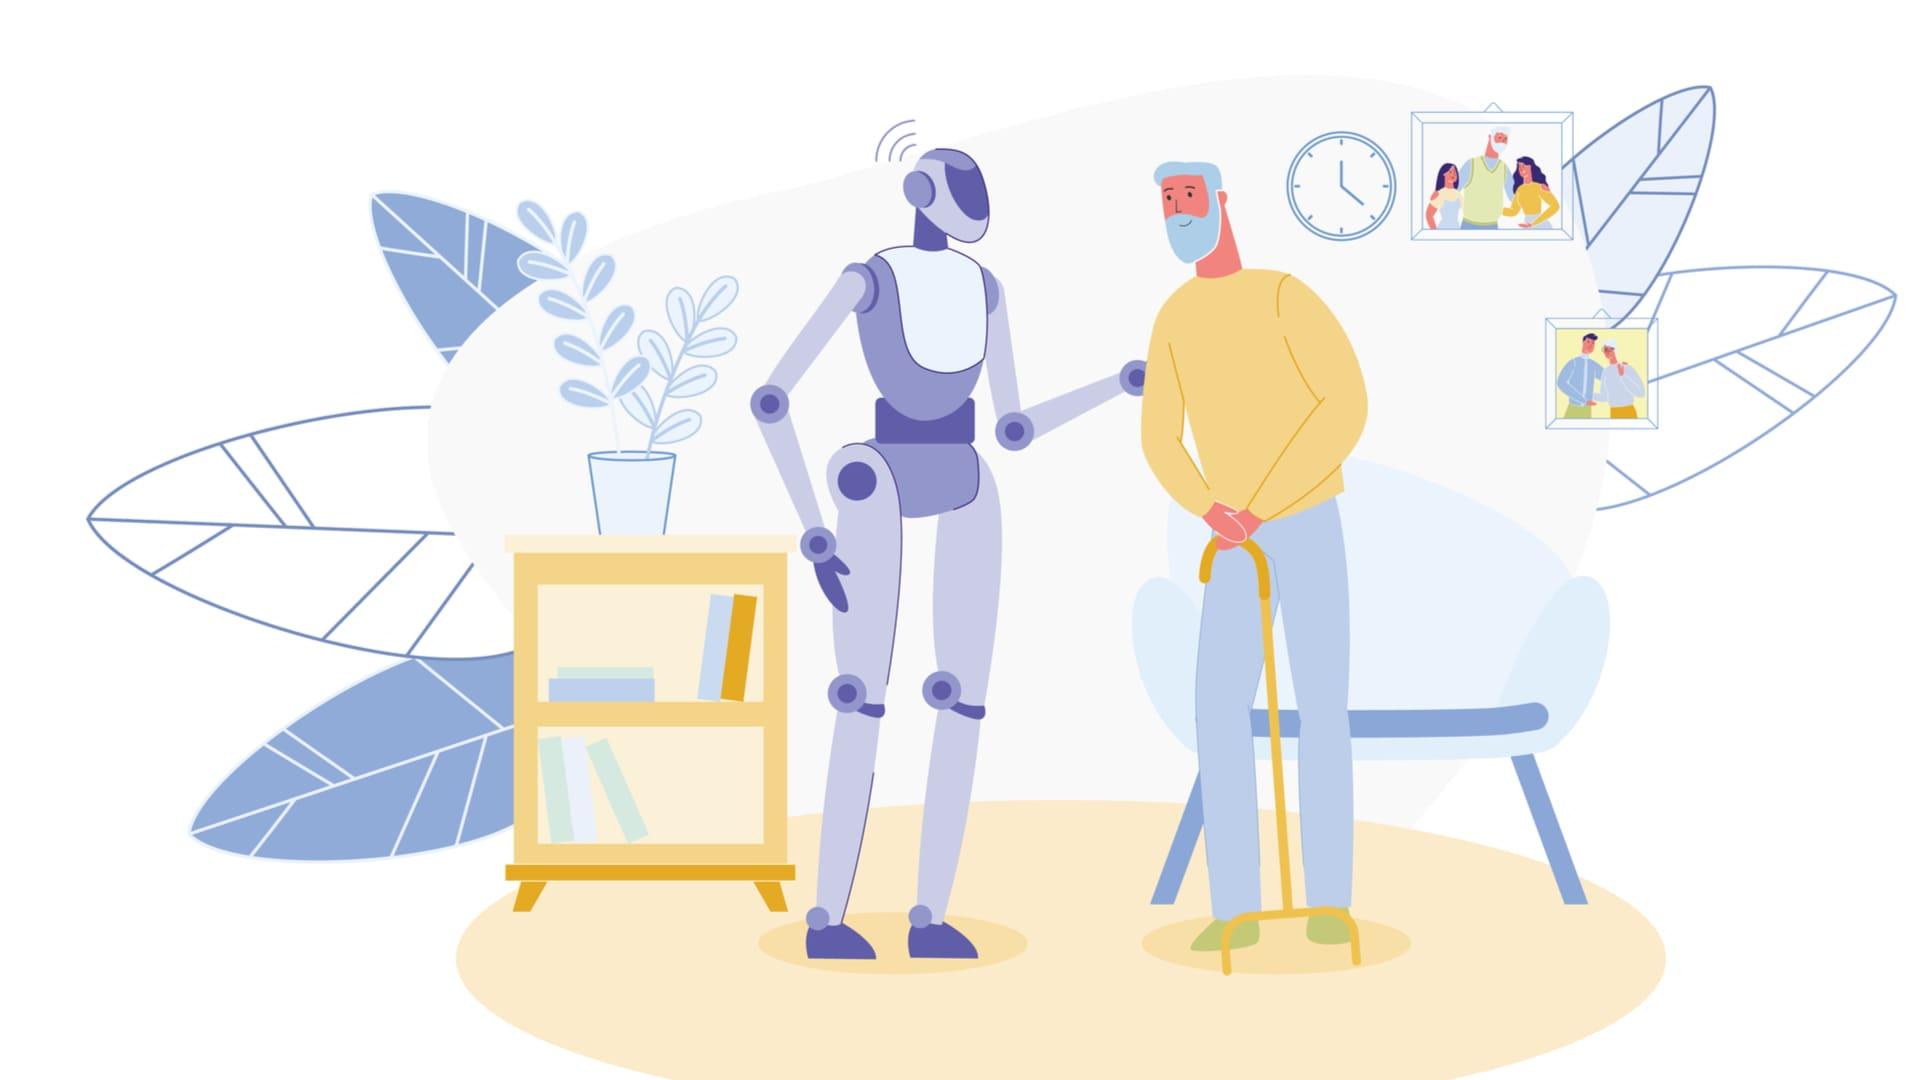 【介護ロボット】導入事例10選!導入までの手順も解説